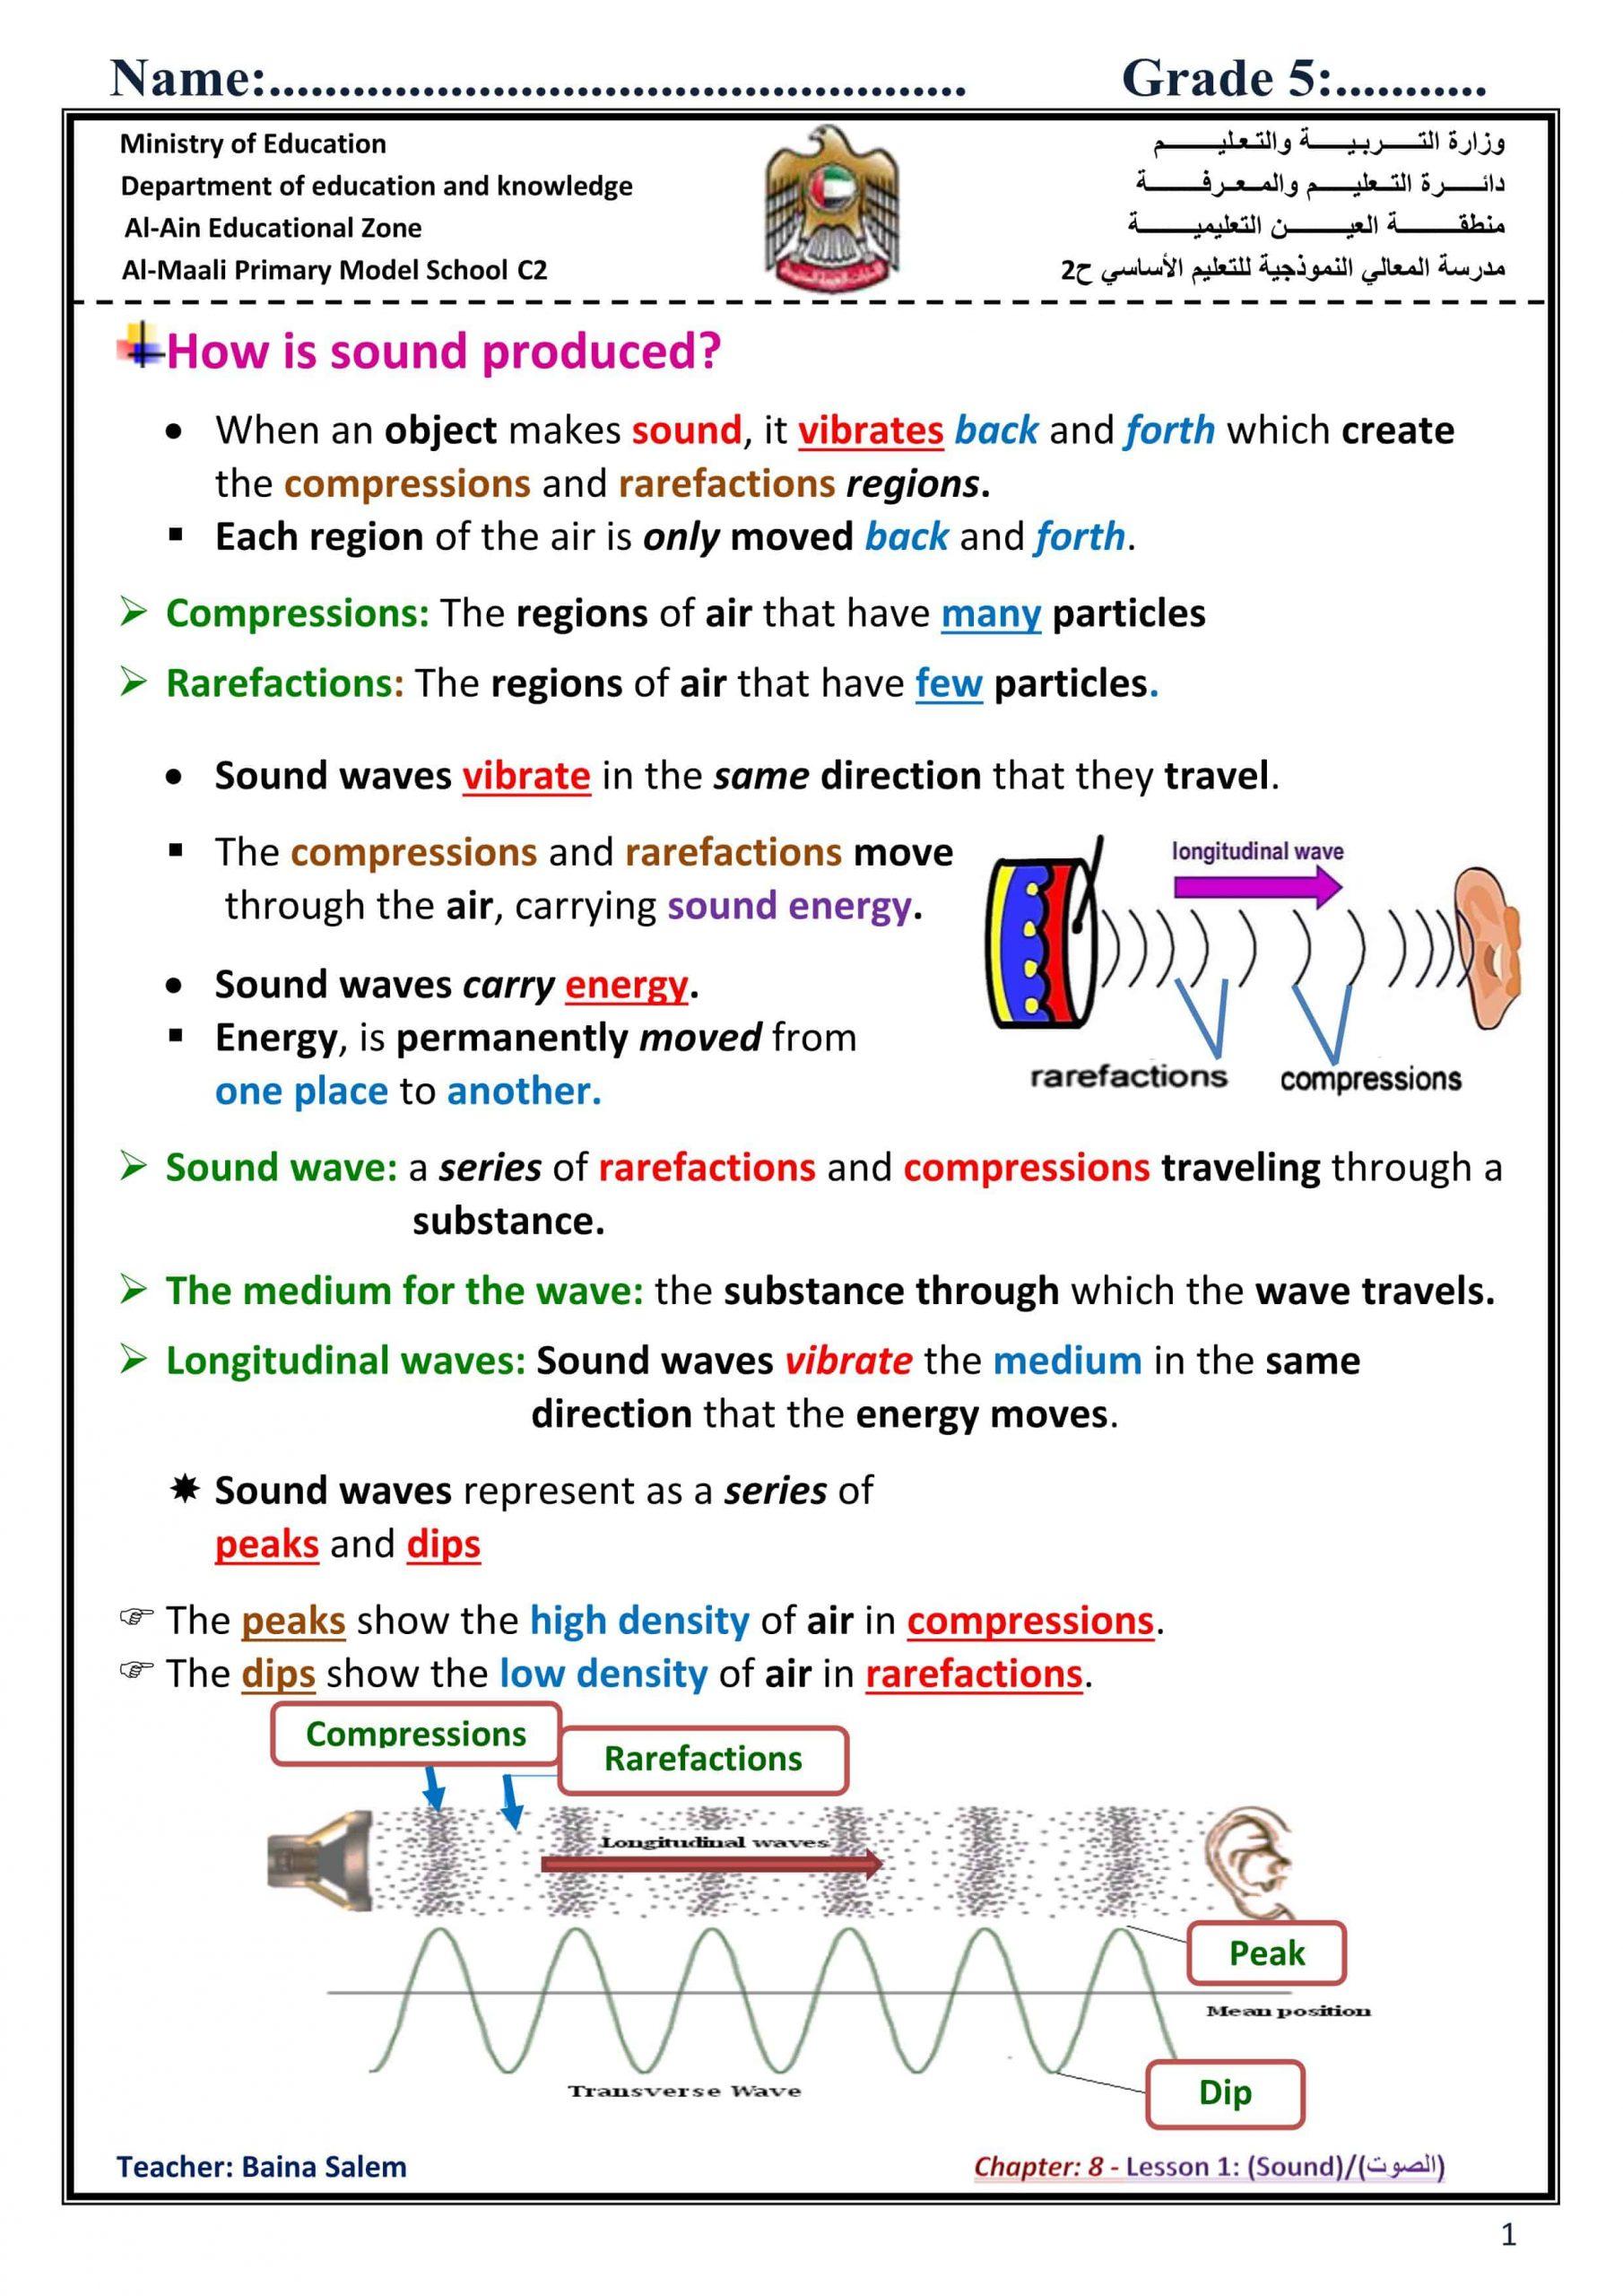 ملخص درس sound بالإنجليزي الصف الخامس مادة العلوم المتكاملة